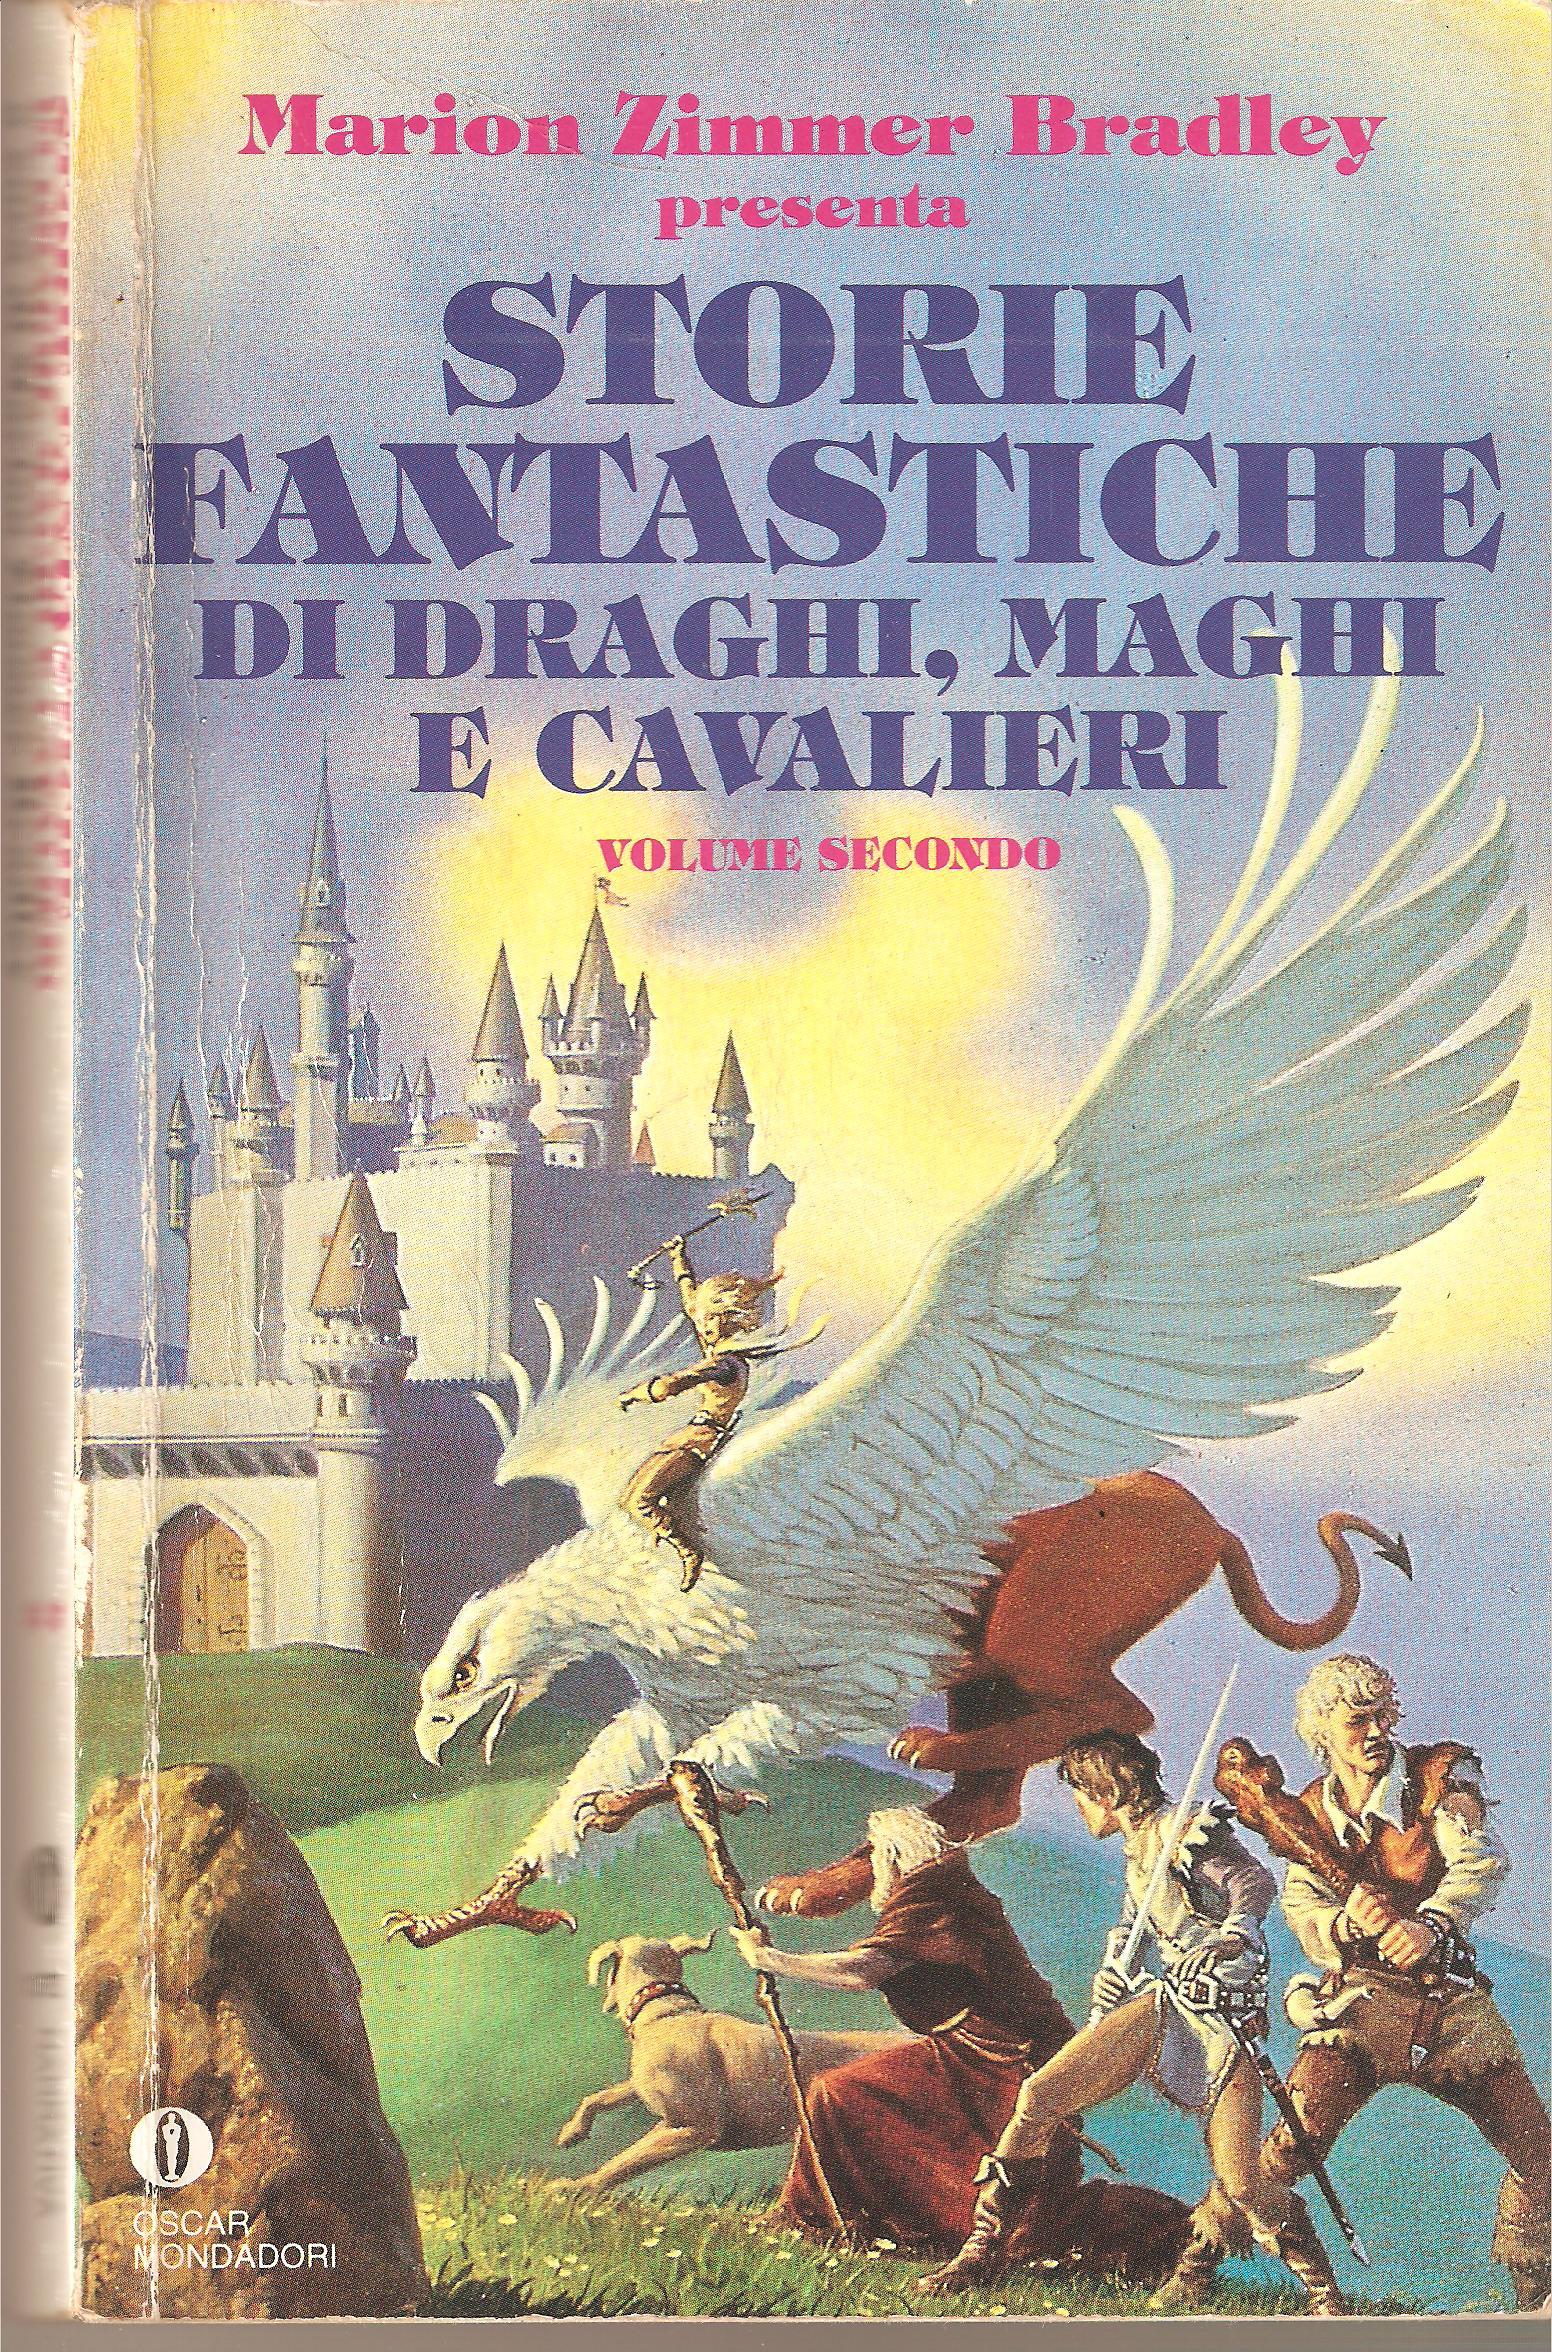 Storie fantastiche di draghi, maghi e cavalieri